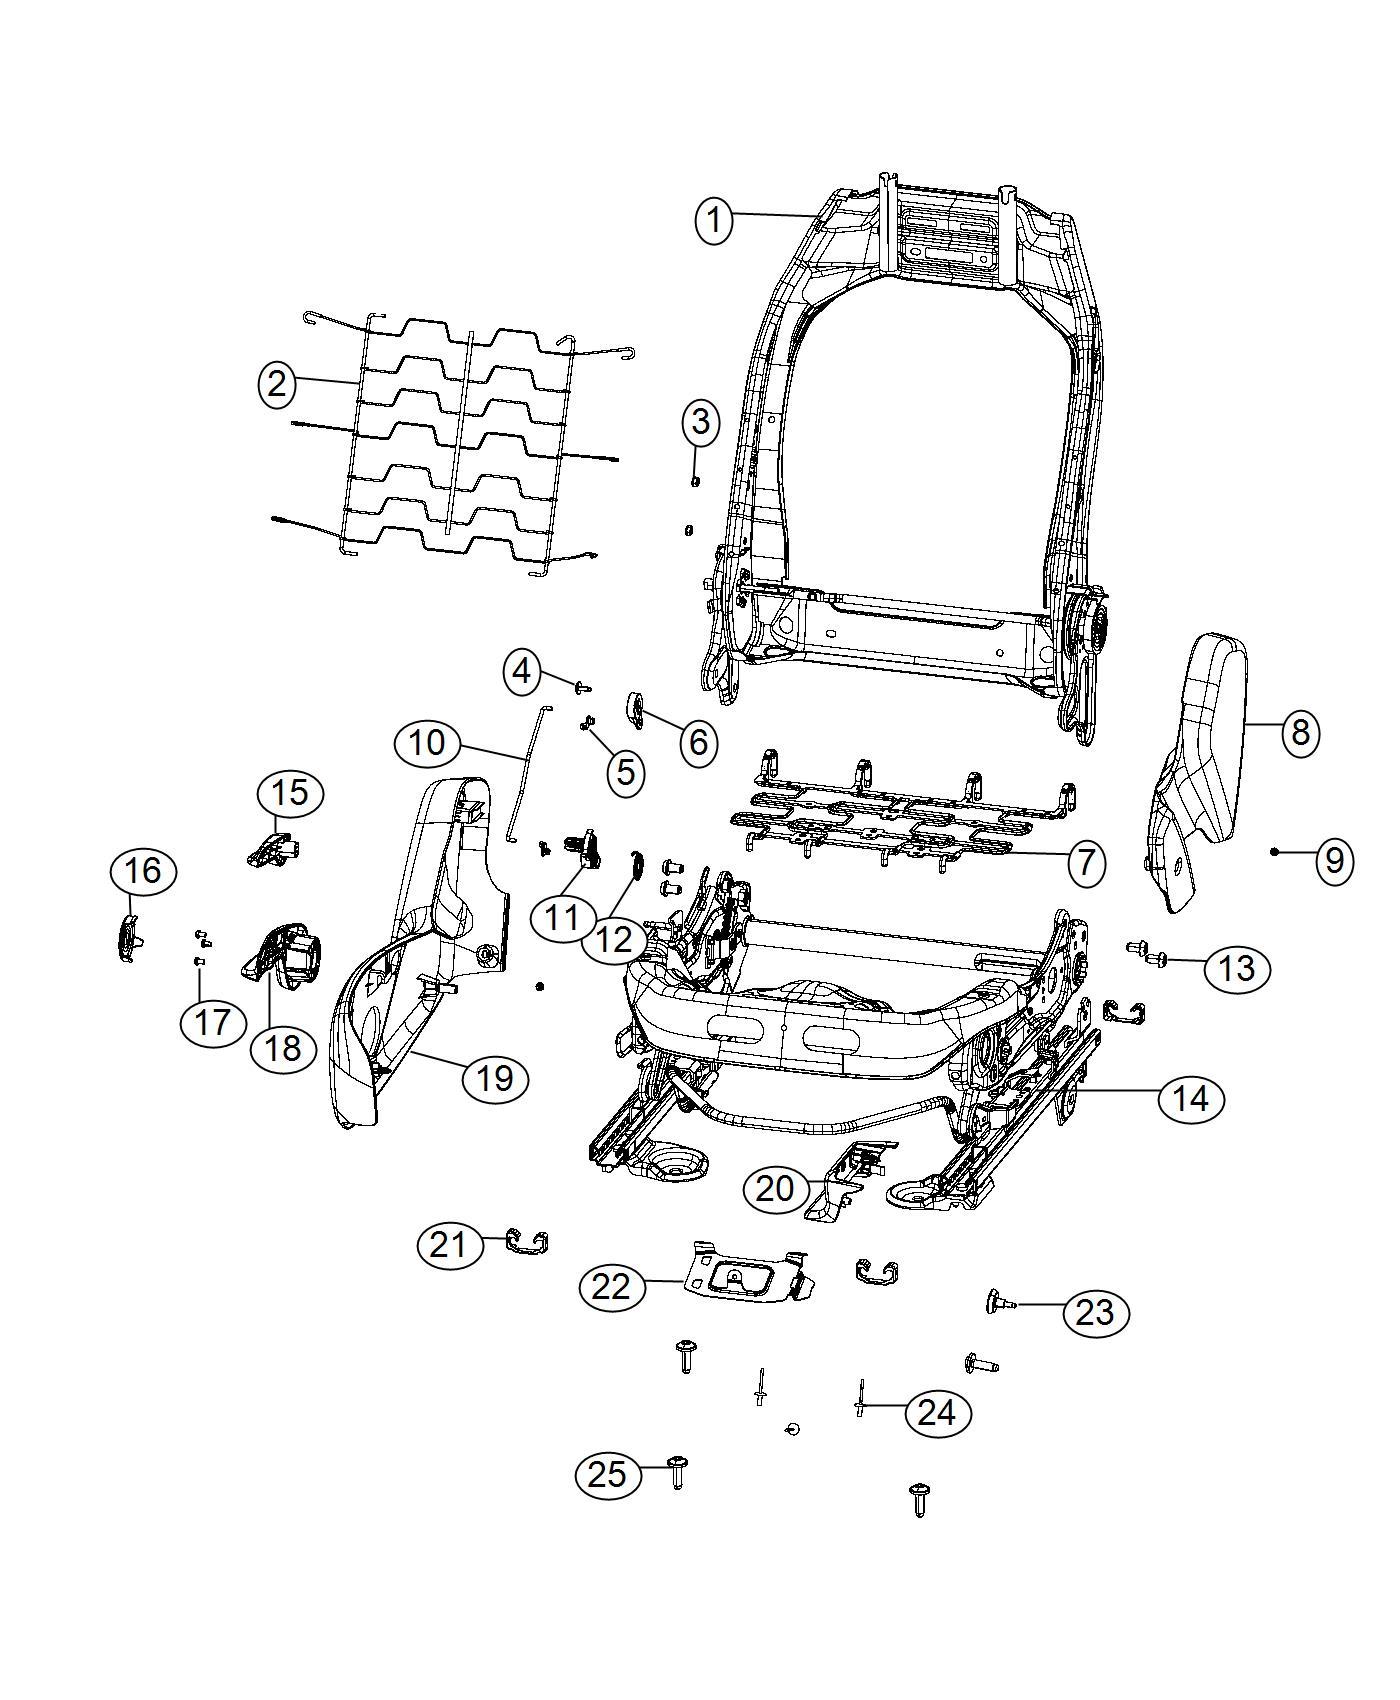 2017 Jeep Renegade Shield  Front Seat  Trim   No Description Available  Color